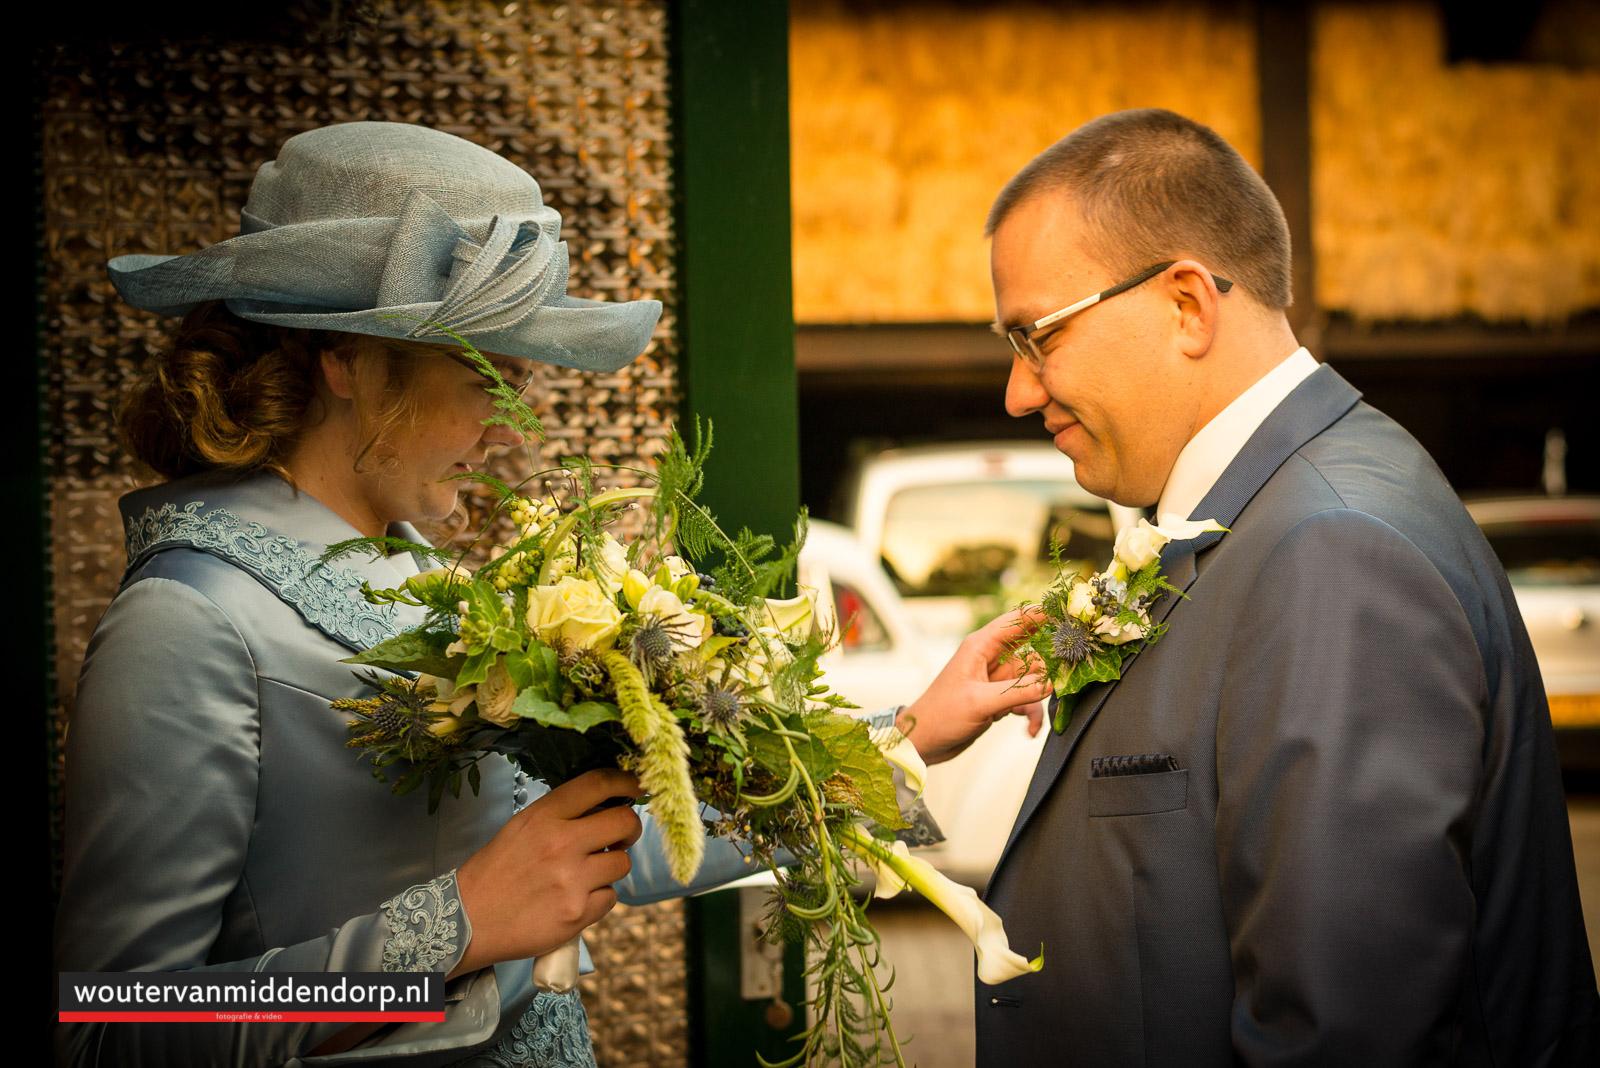 bruidsfotografie Wouter van Middendorp Uddel, Putten, -13